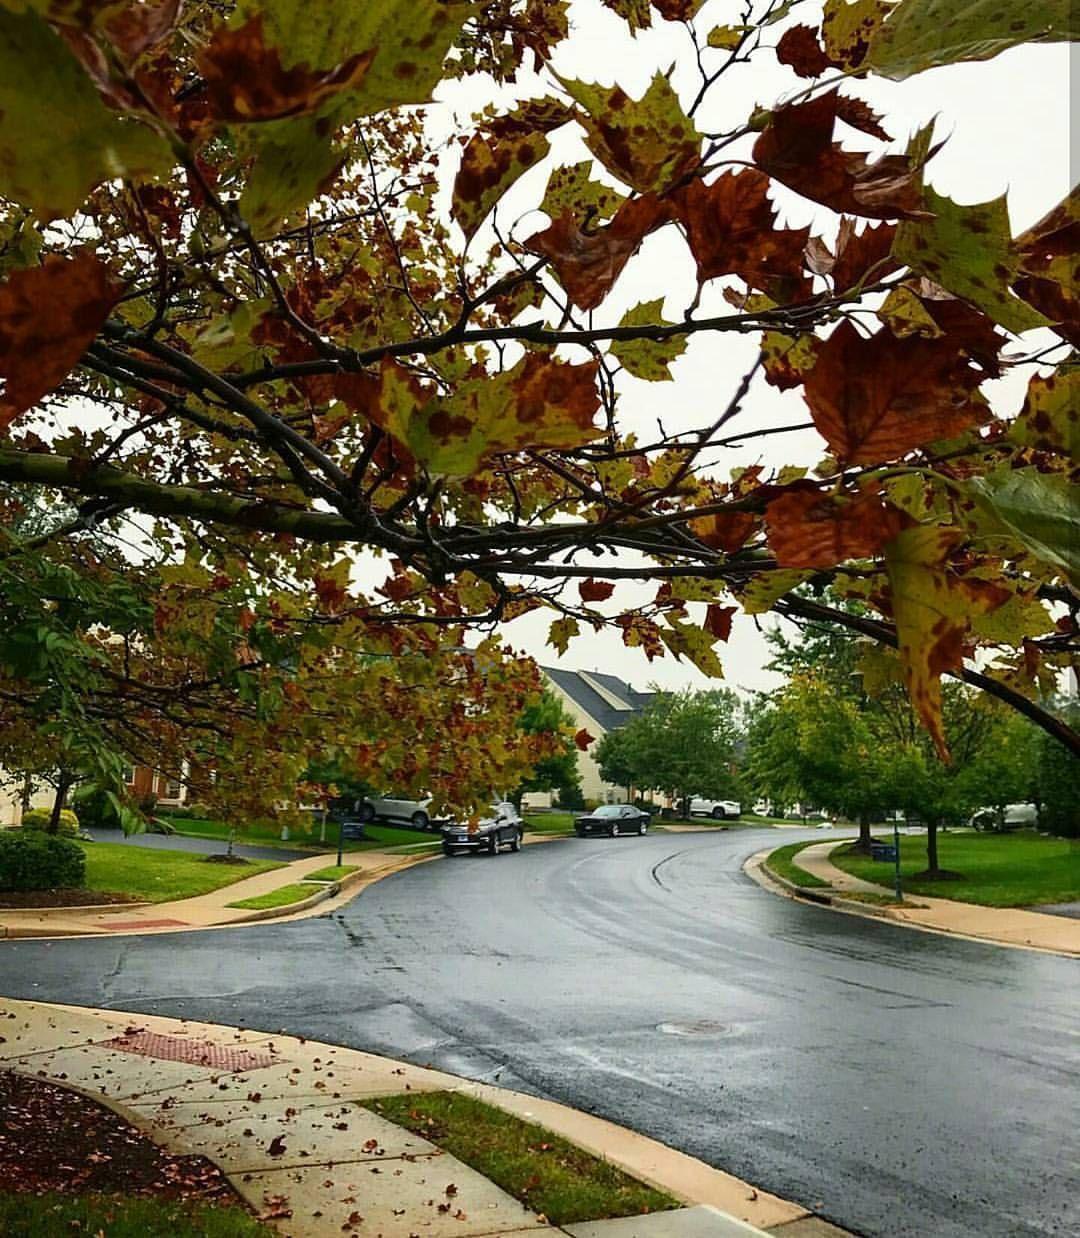 ㅤ إن أذبل الخريف أوراق حياتنا ونثرها في ردهات دنيا موجعة فحتما سيأتي شتاء يسكنها ثم ربيع يحييها ليثبت بأن الله يغدق على الصابر عطاء بعد Nature Sidewalk Life